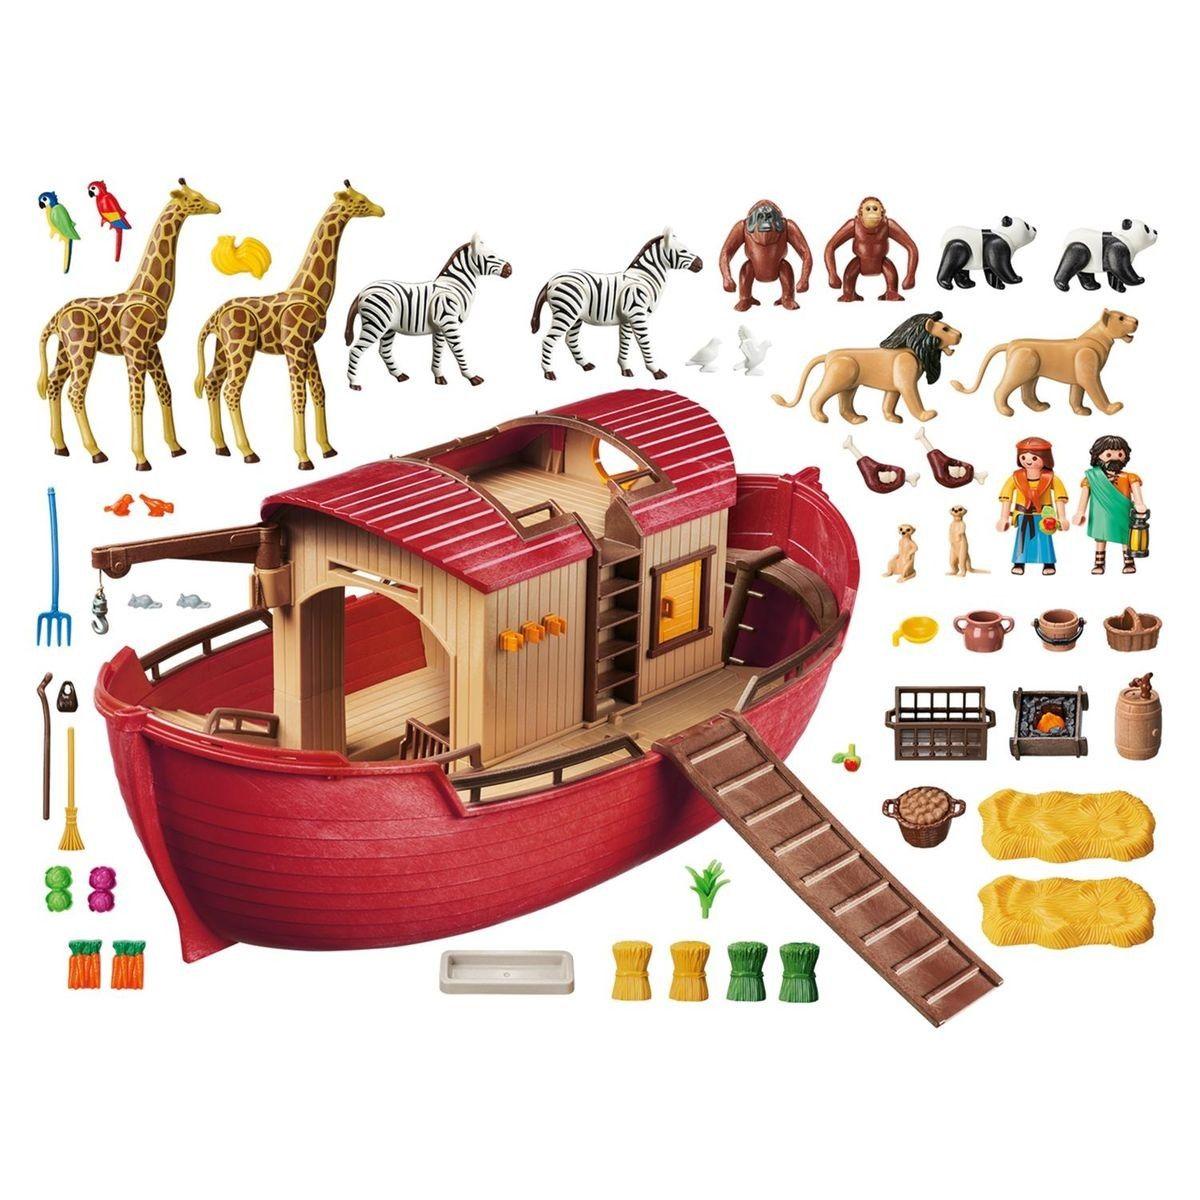 Wild Arche Playmobil 9373 AnimauxProducts Life De Noé Avec 4c5j3ARLq